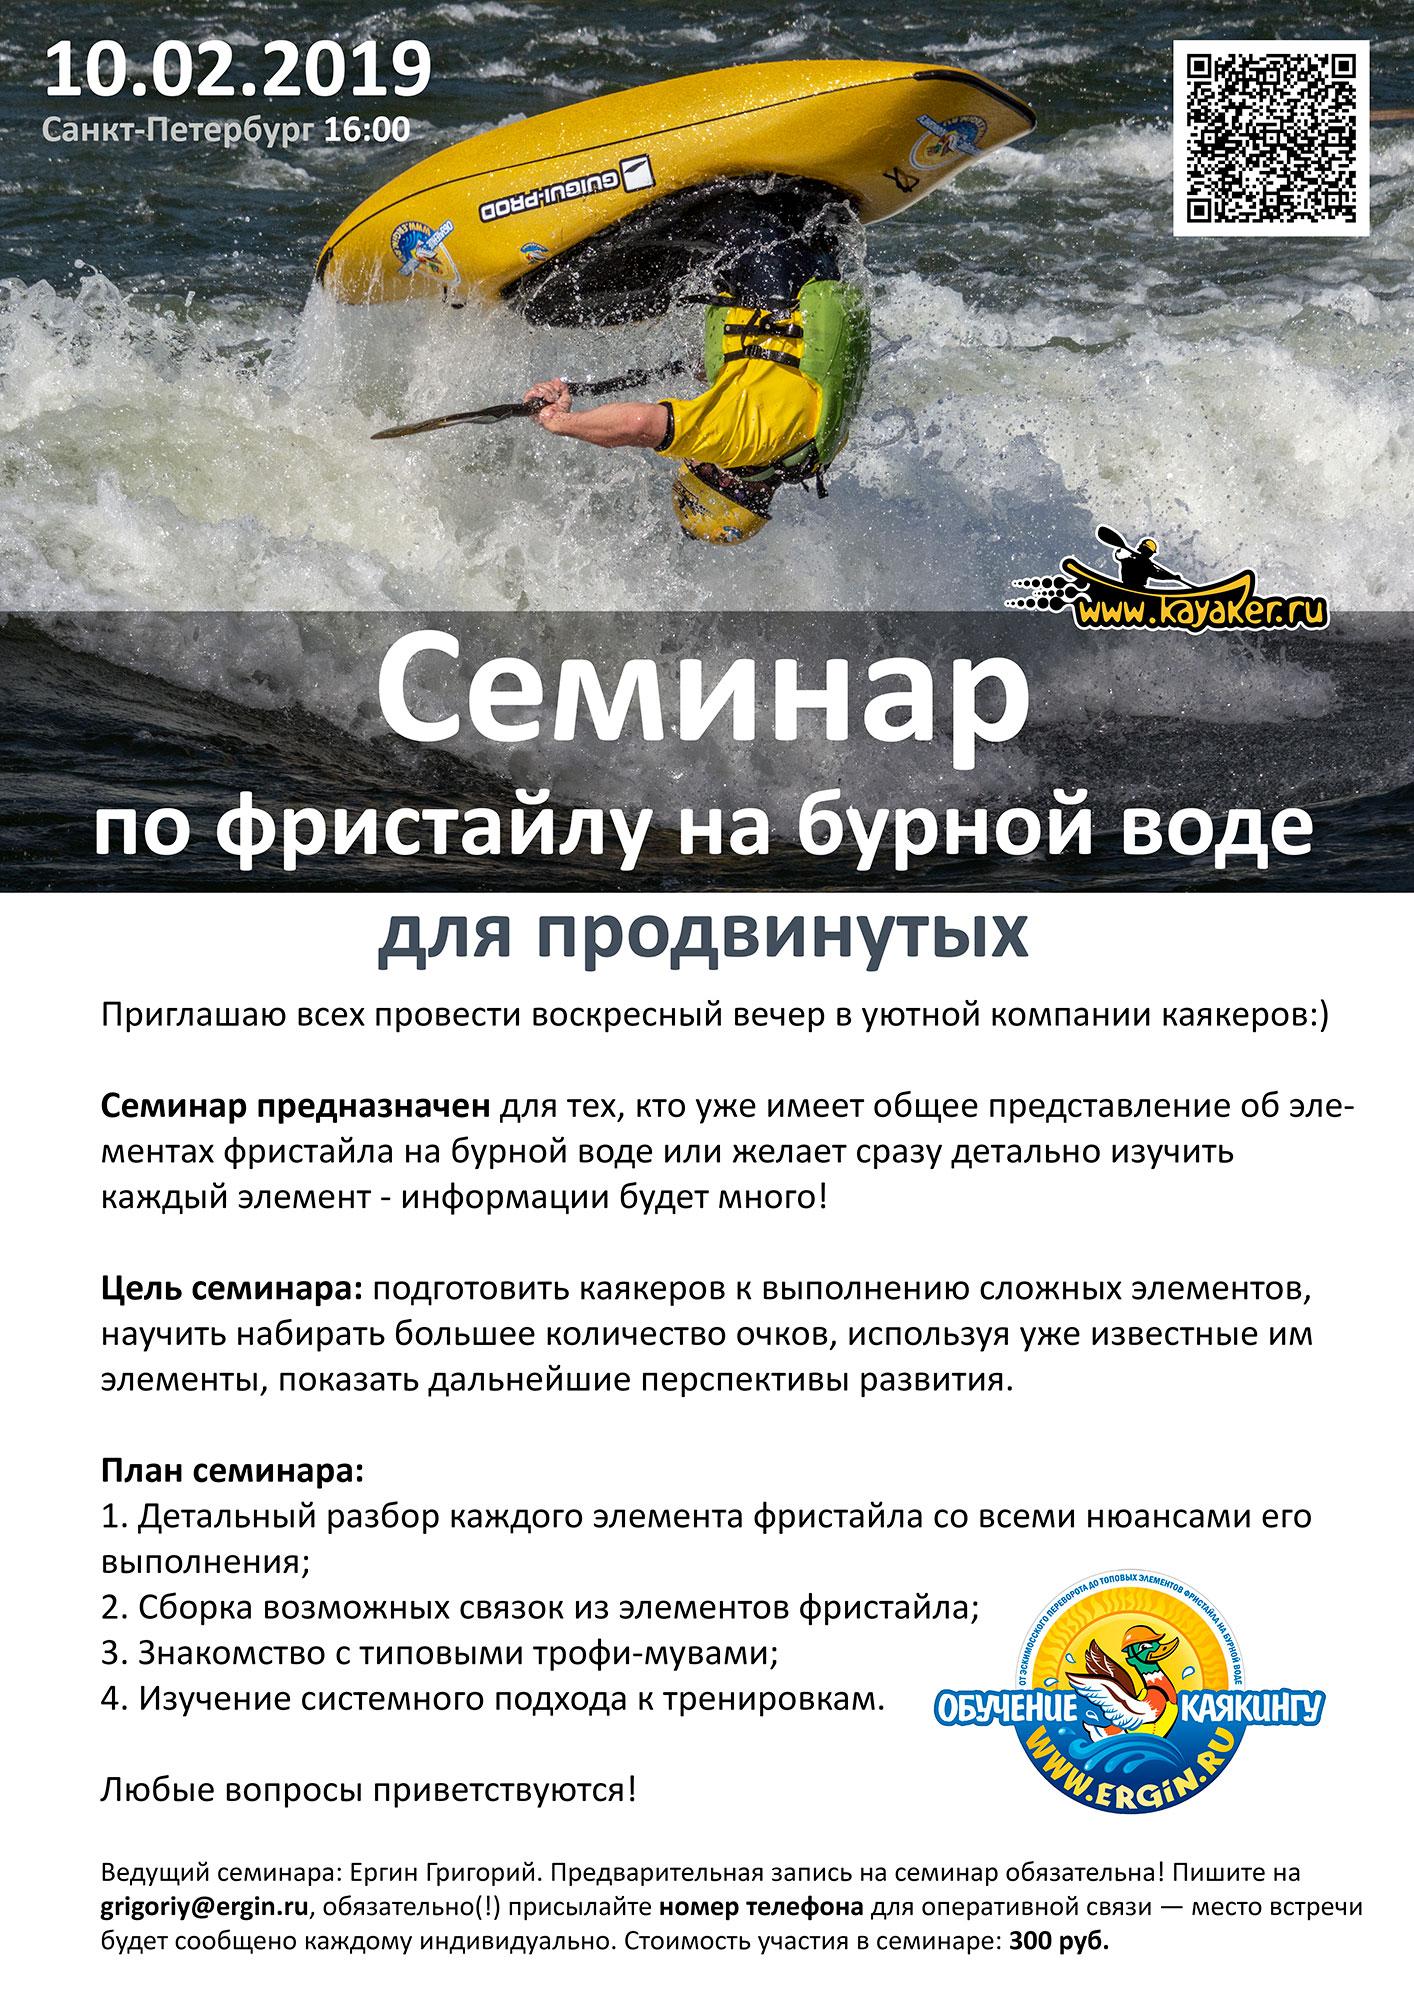 Анонс семинара для каякеров по фристайлу на бурной воде